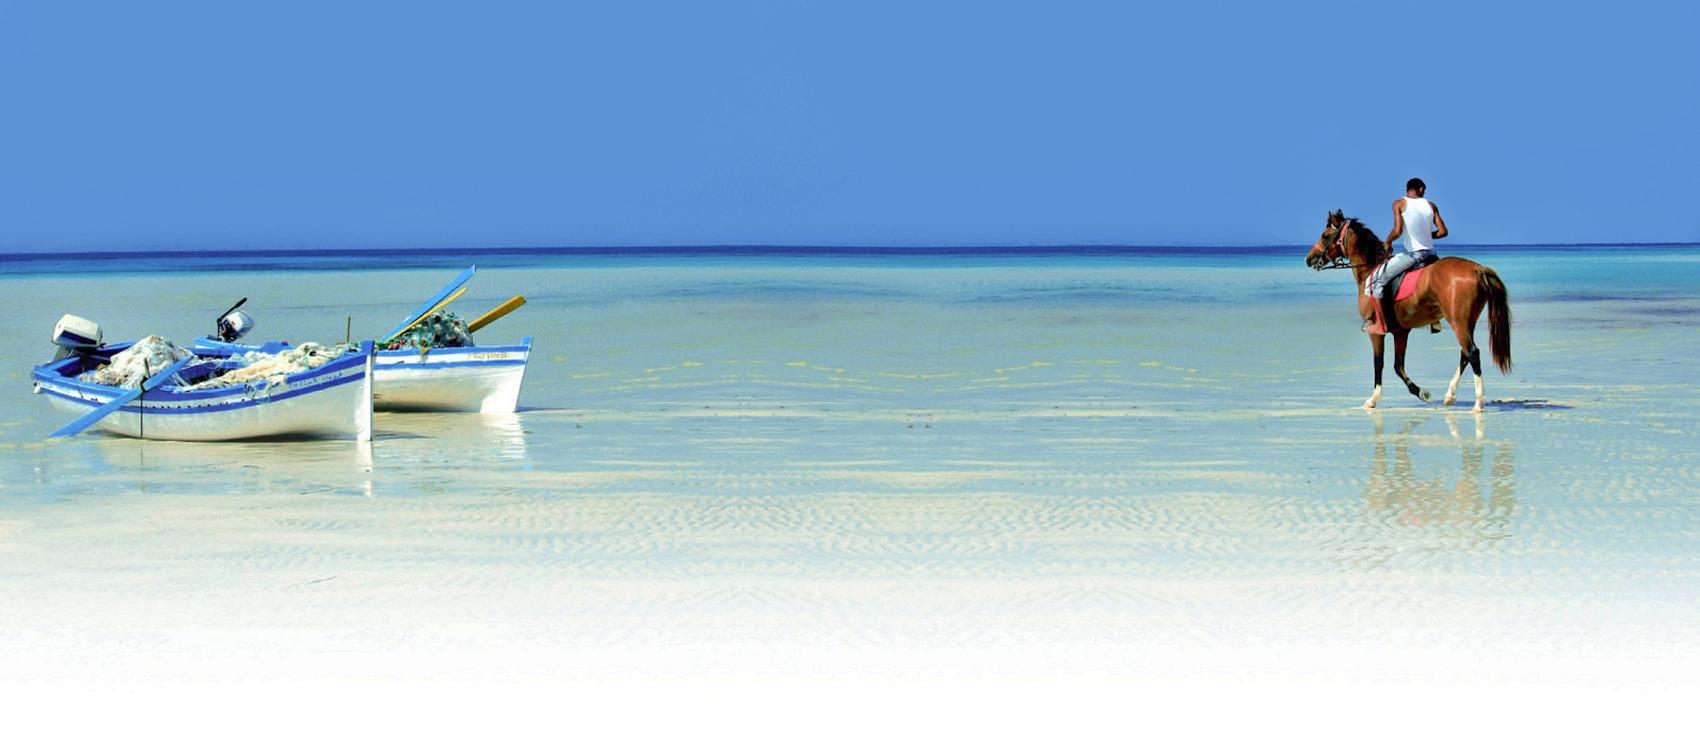 L'isola di Djerba, tra spiagge bianche e mare cristallino